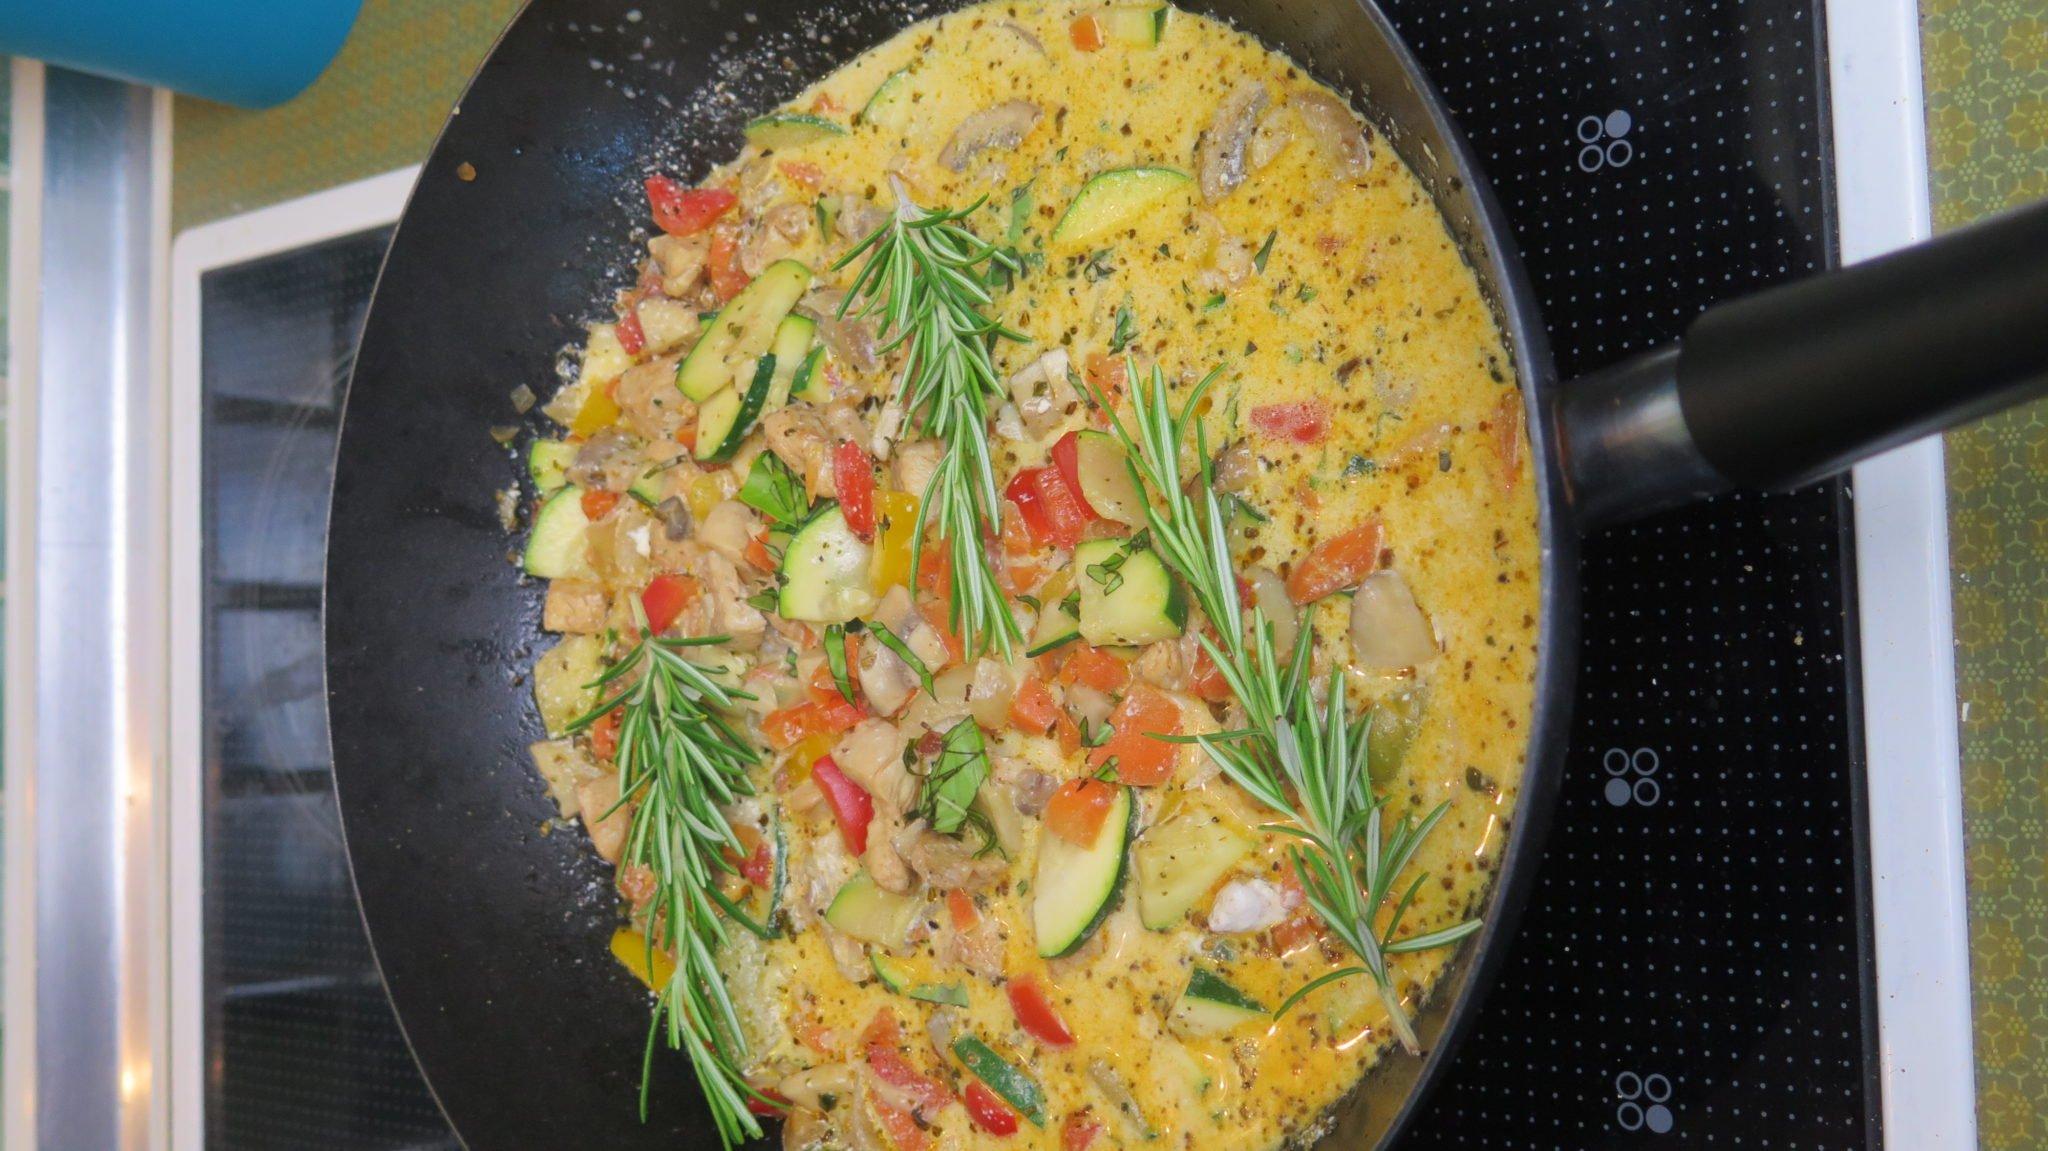 meal-prep-wochenrezept-#5-mediterane-gemuse-pfanne-haehnchen